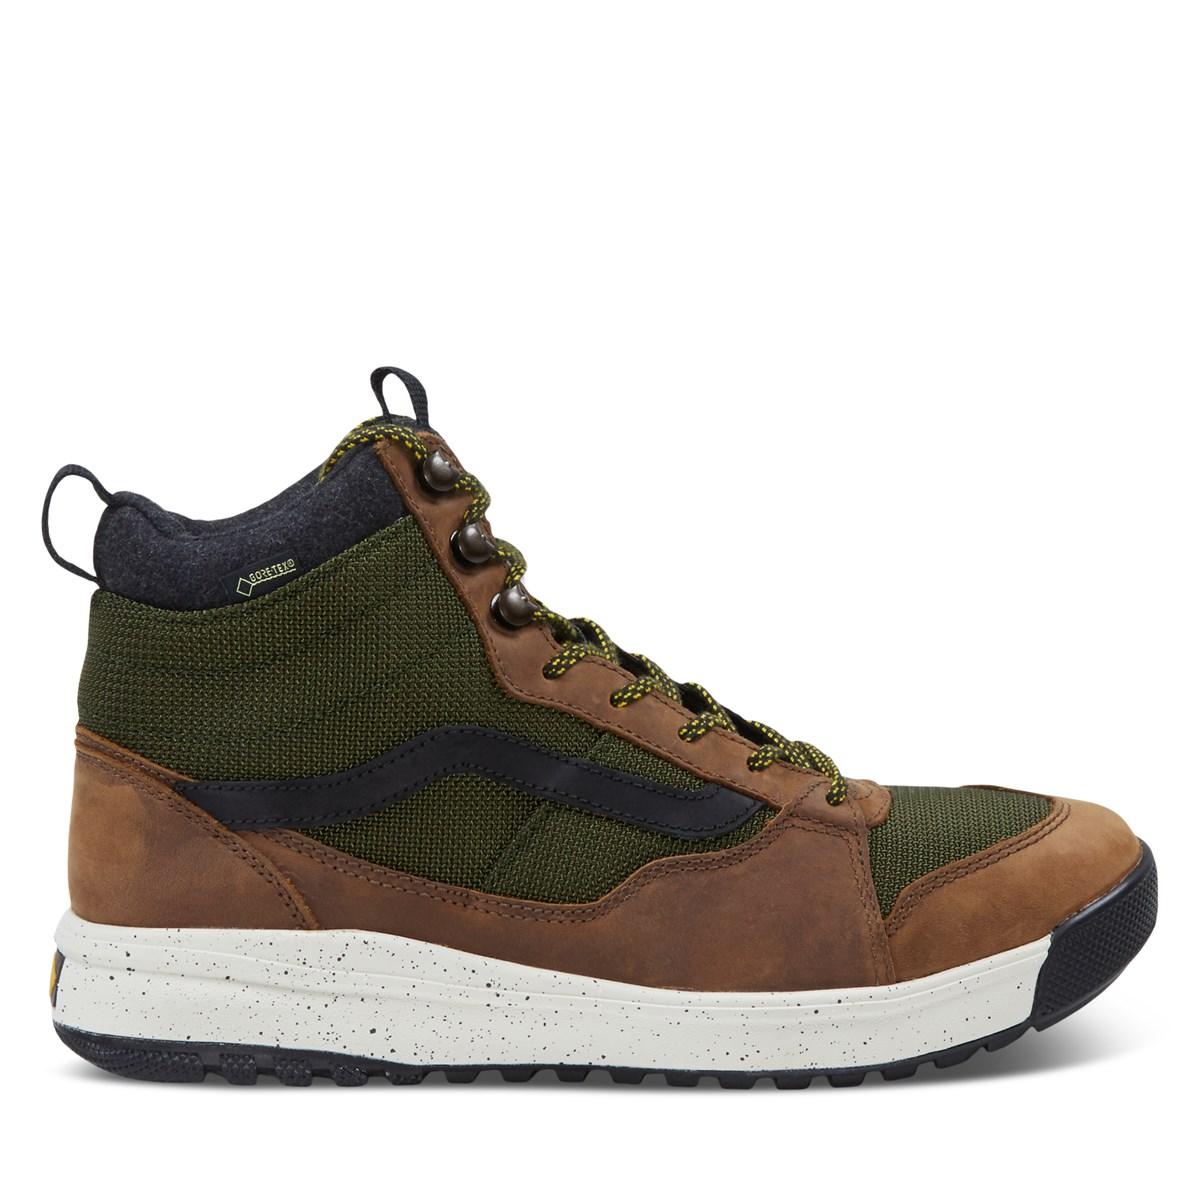 Men's UltraRange MTE Hi Gore-Tex Boots in Brown